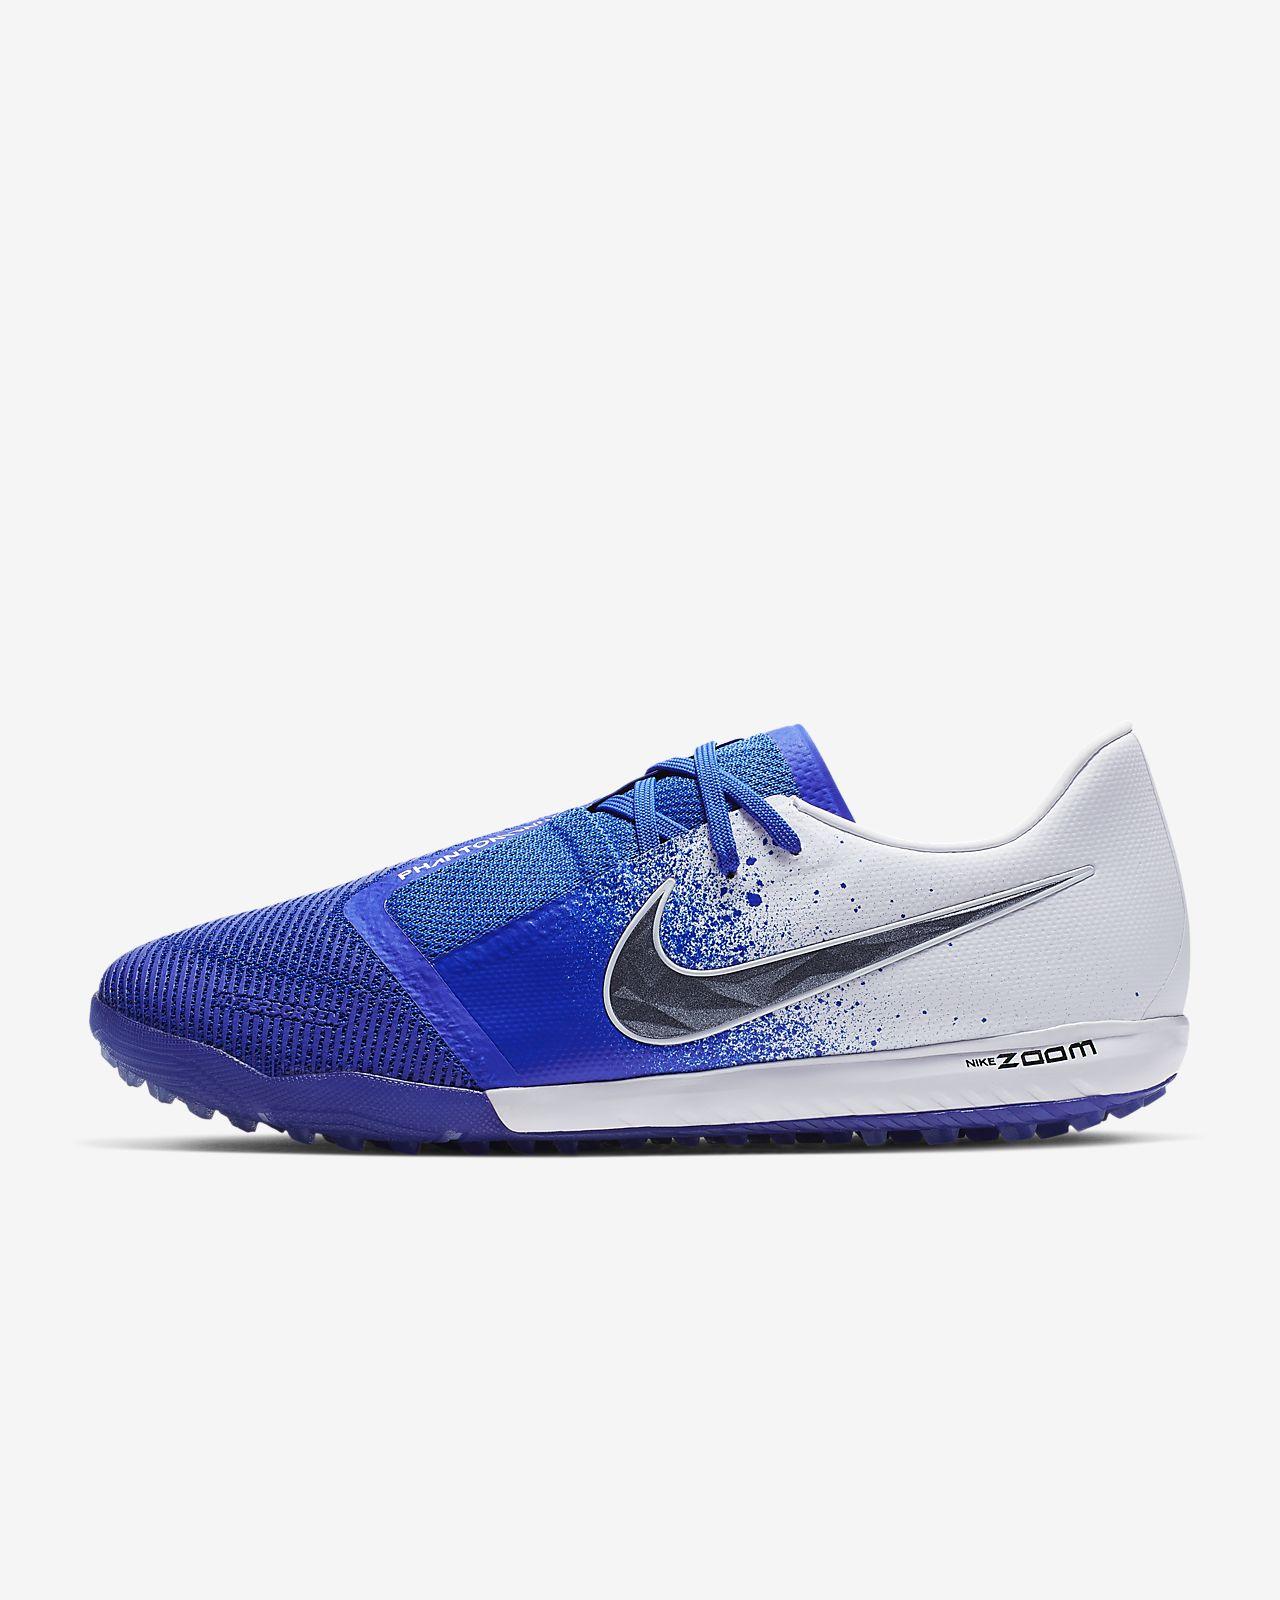 Nike Zoom Phantom Venom Pro TF Turf Football Shoe